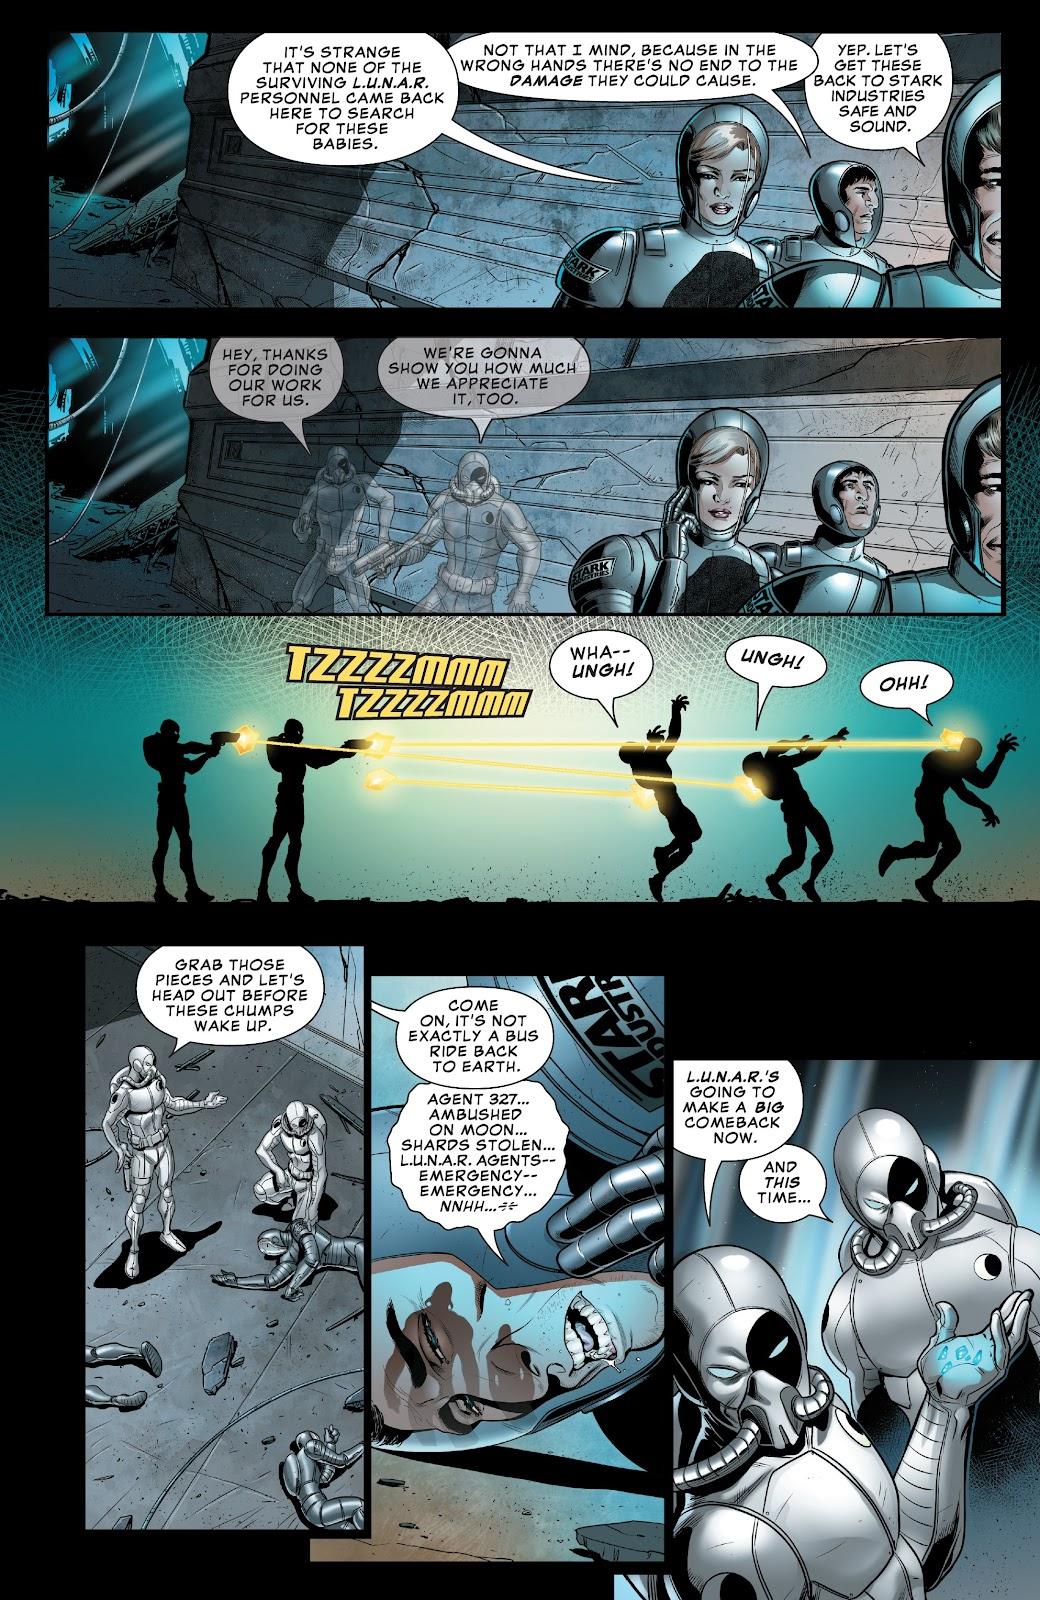 Read online Avengers: Edge of Infinity comic -  Issue # Full - 4